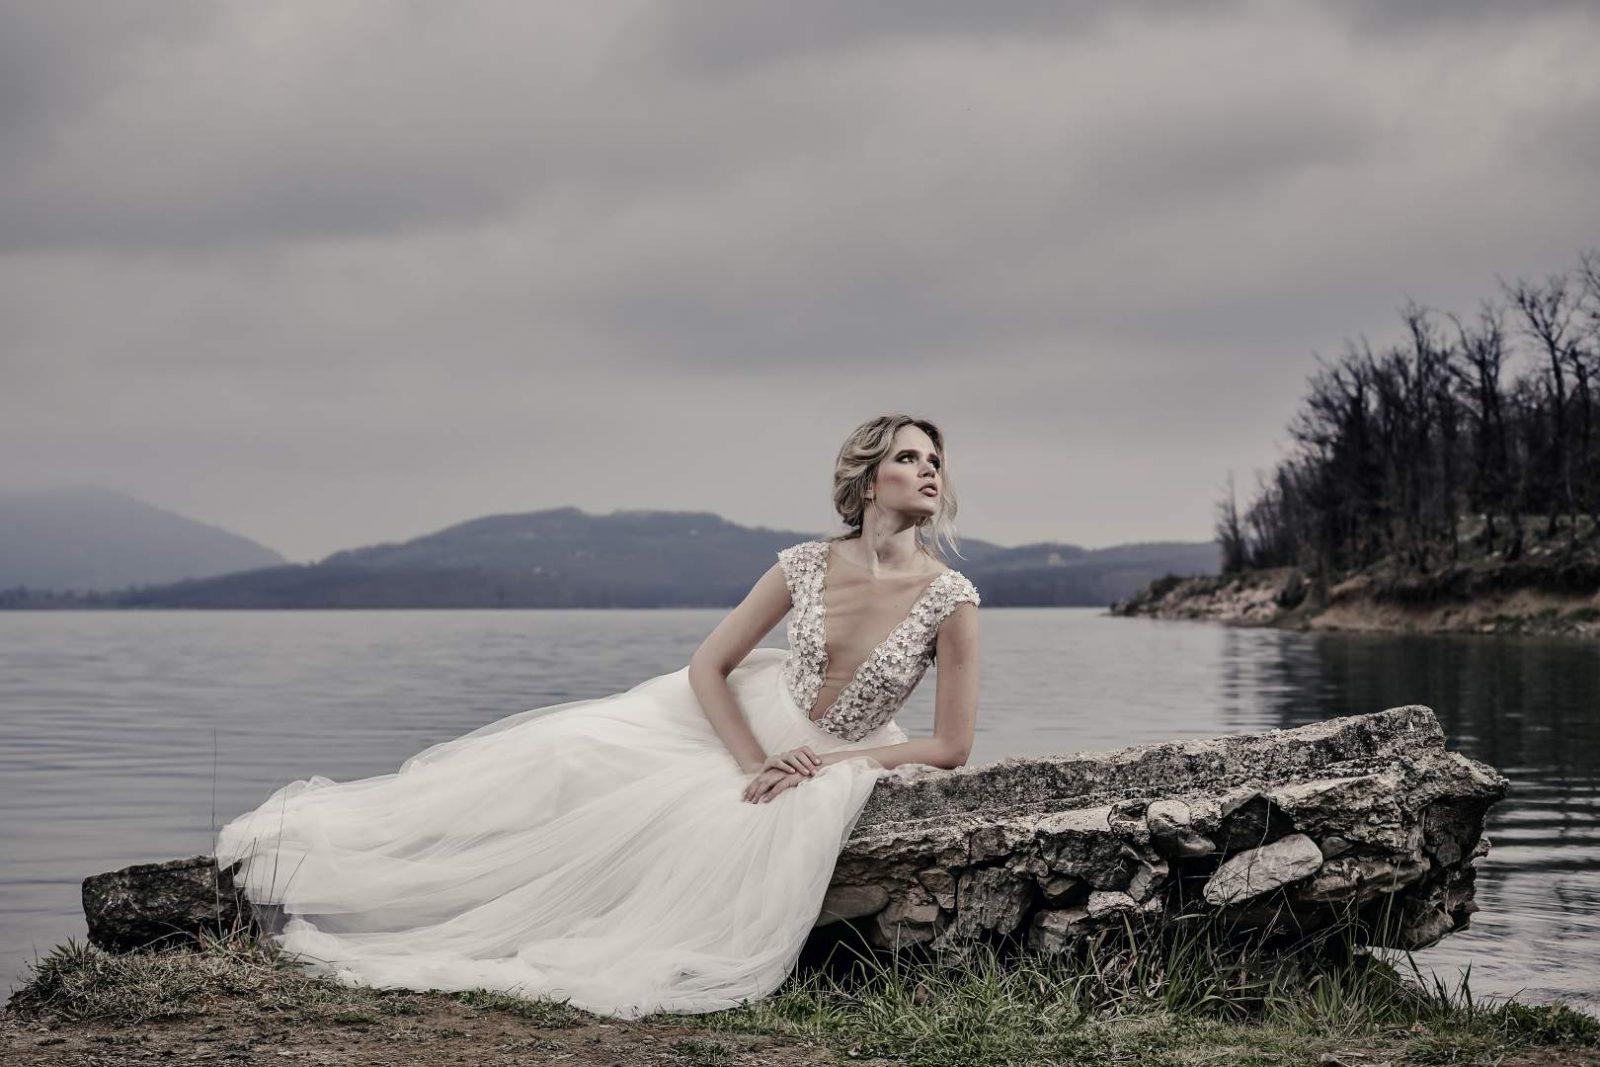 Φωτογραφίες γάμου από την rChive -